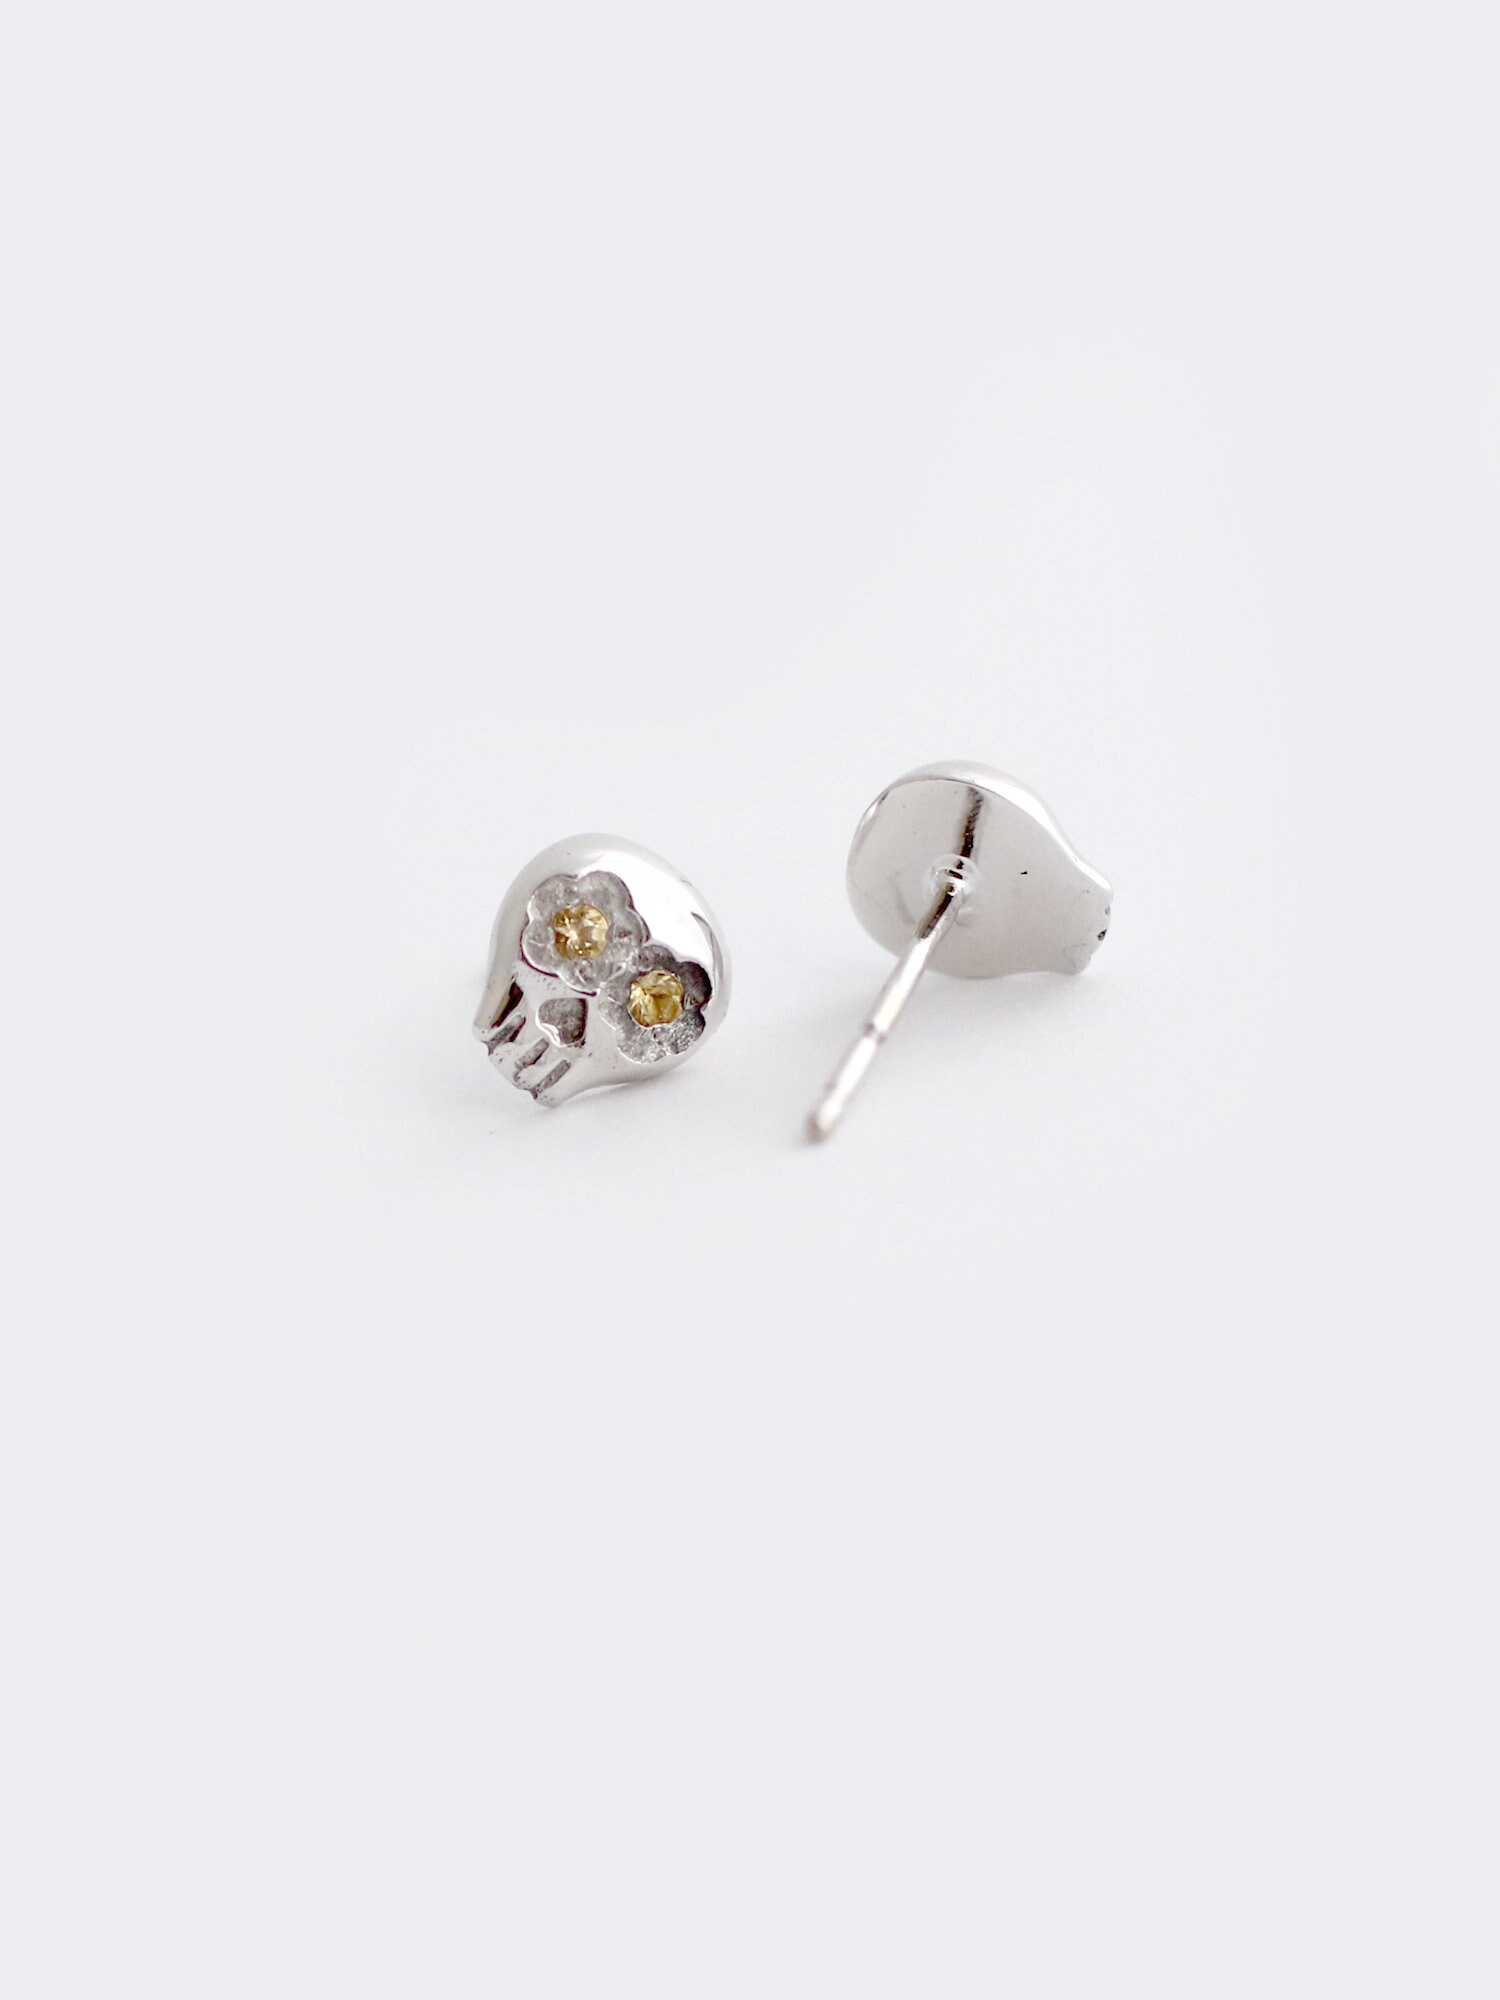 ac76d9e8d White Gold Sugar Skull Stud Earrings With Citrine | Etsy